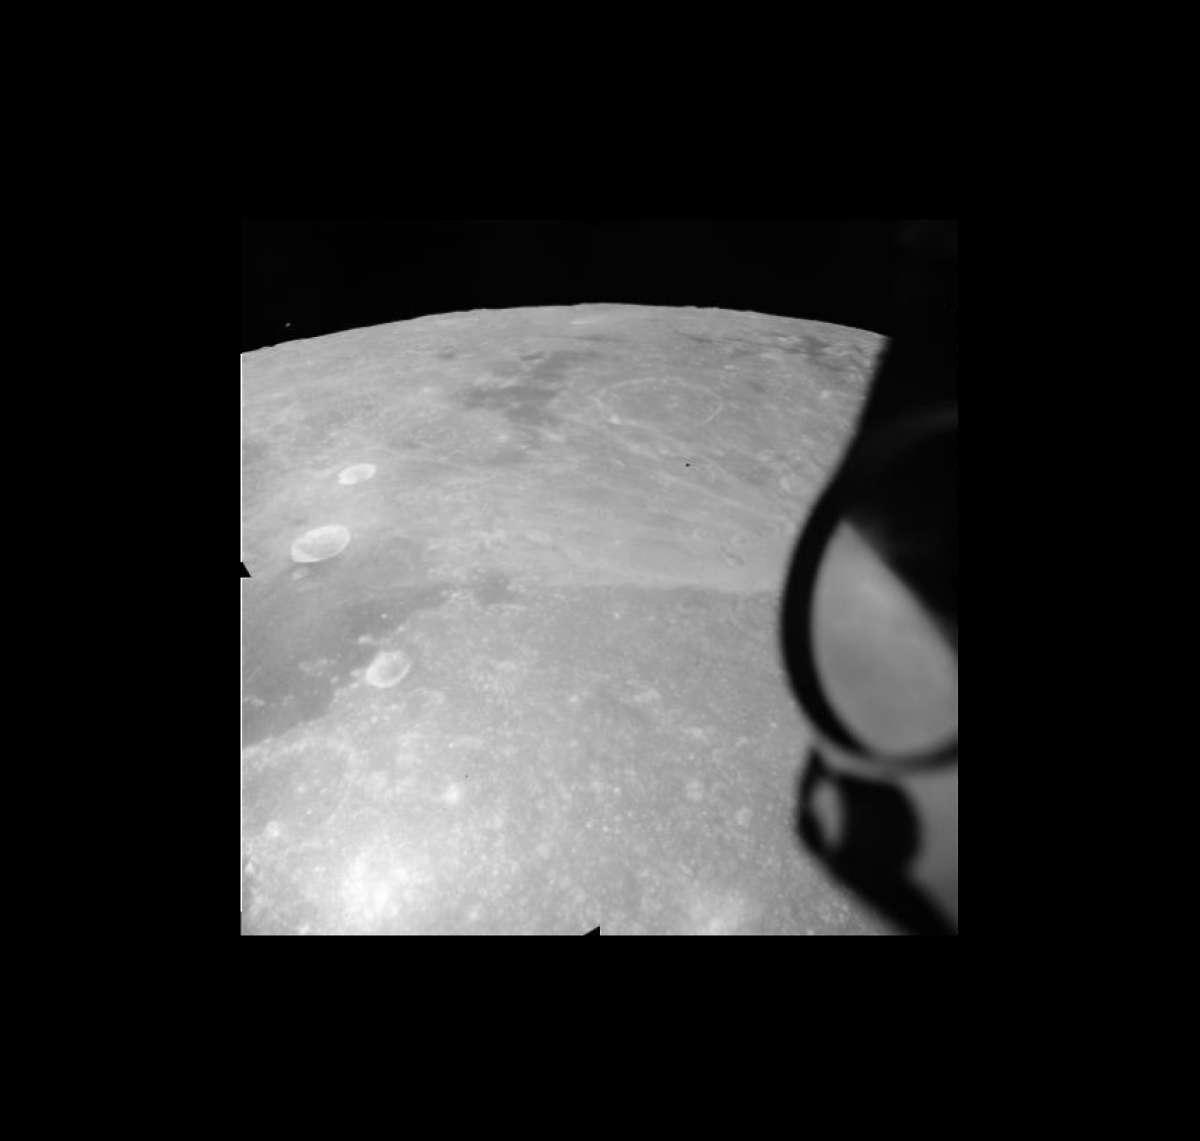 Учёные увидели таинственный НЛО на снимках миссии Аполлон»